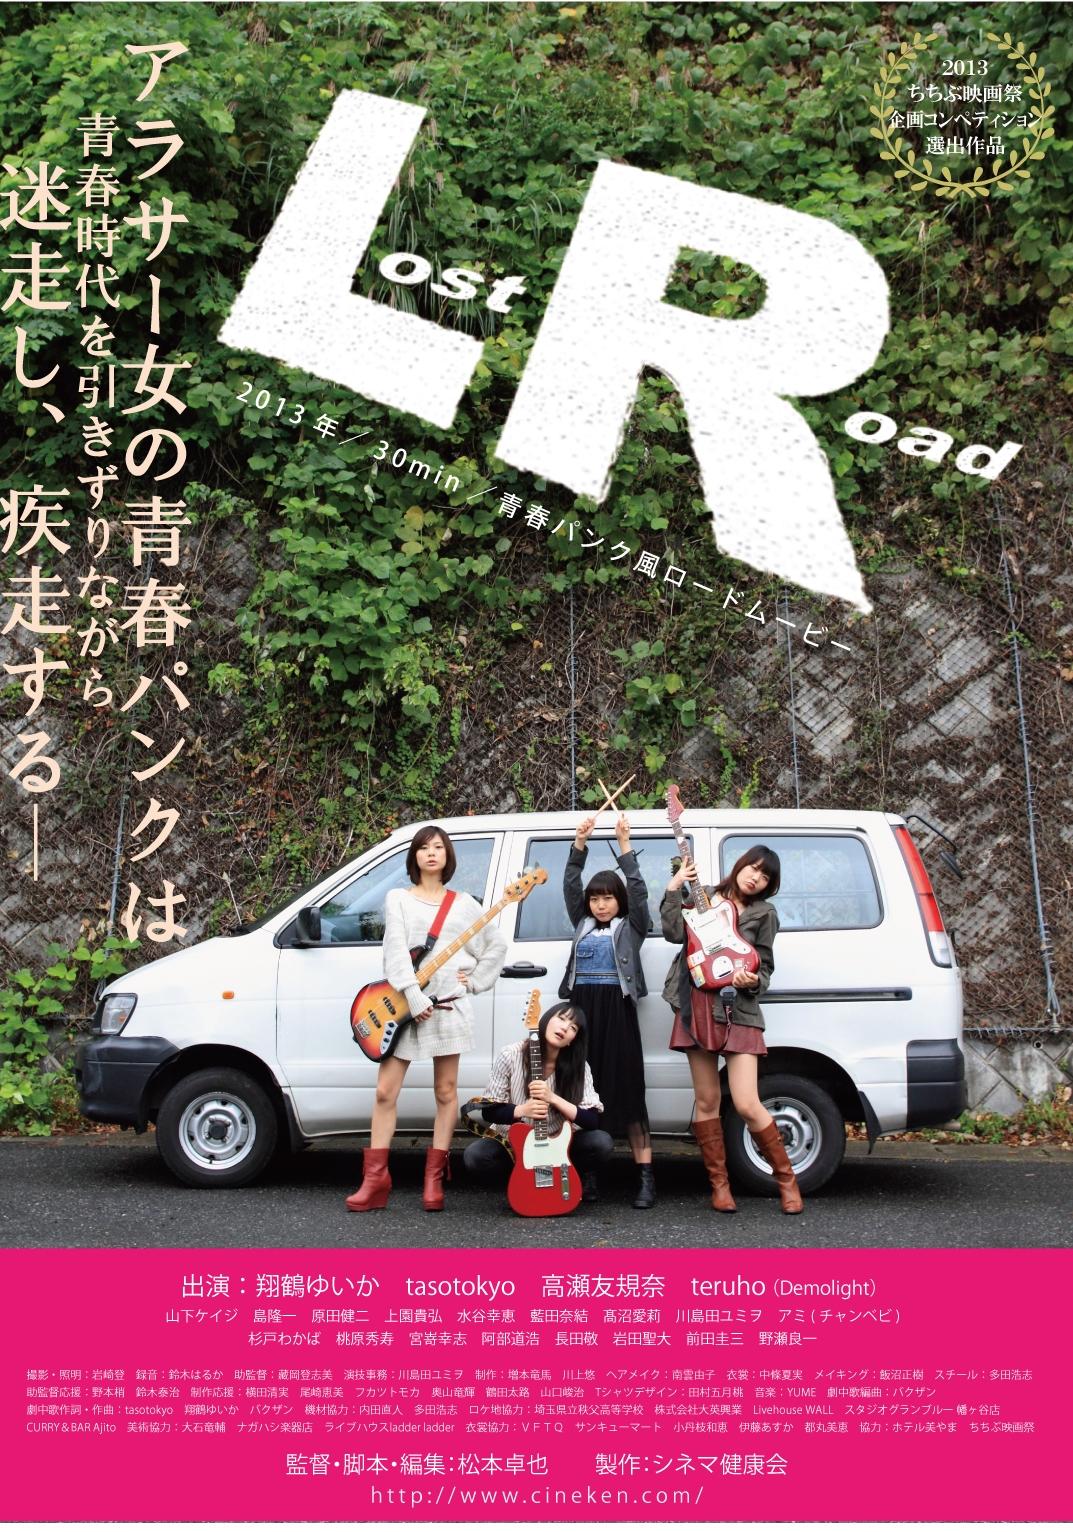 LR Lost Road